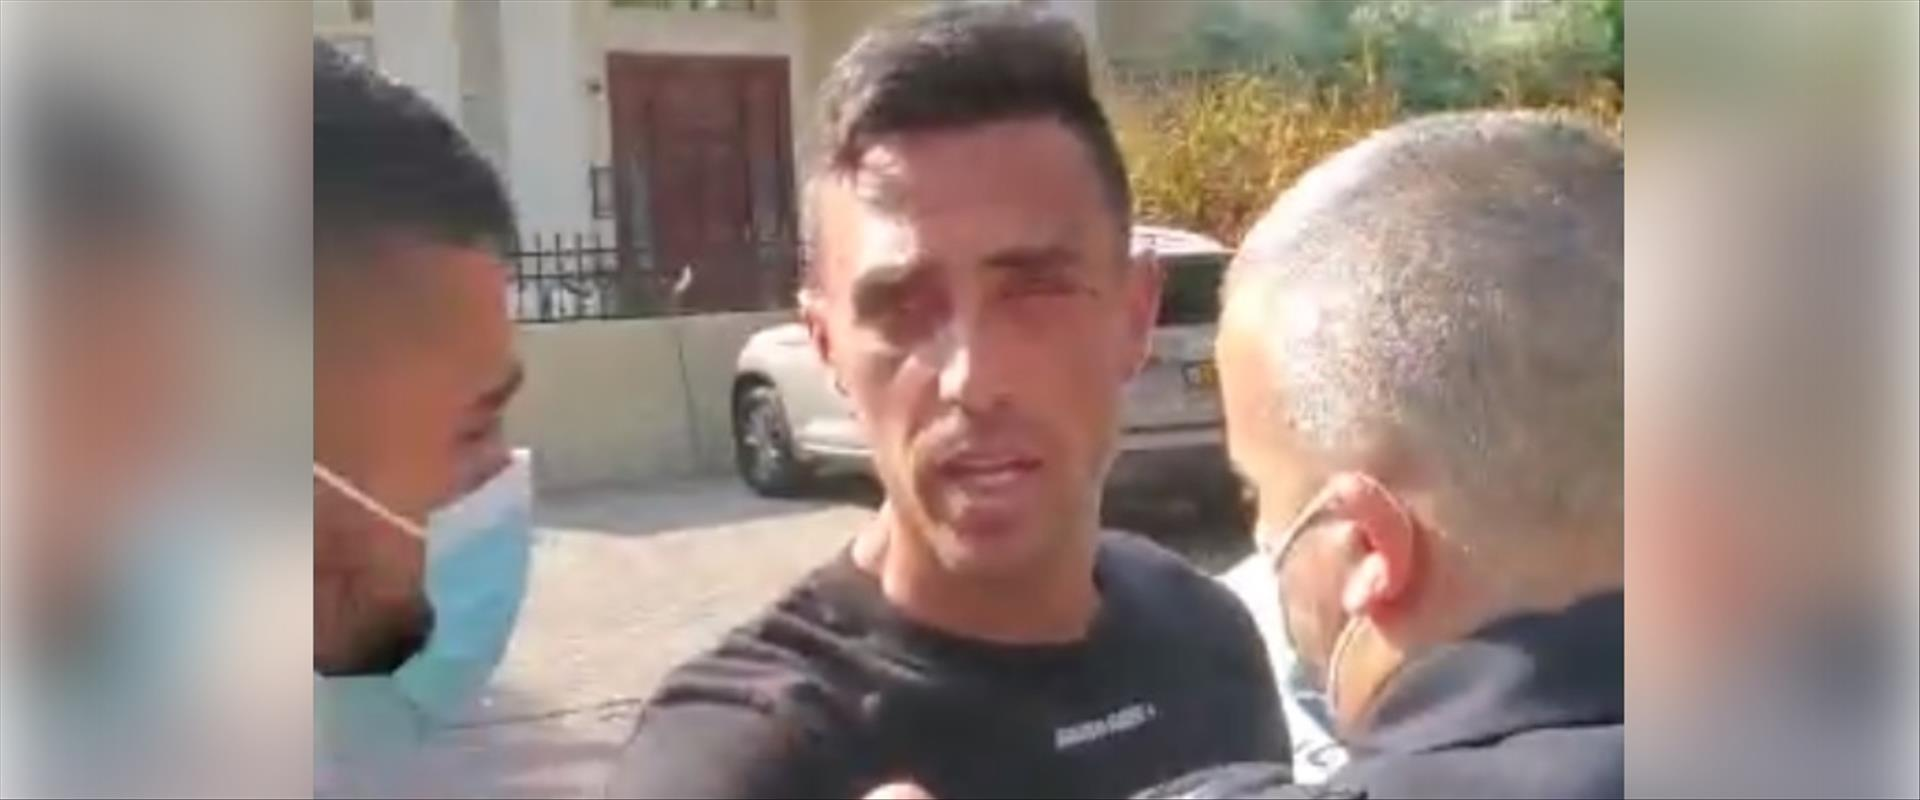 ערן זהבי בעת מעצרו, היום